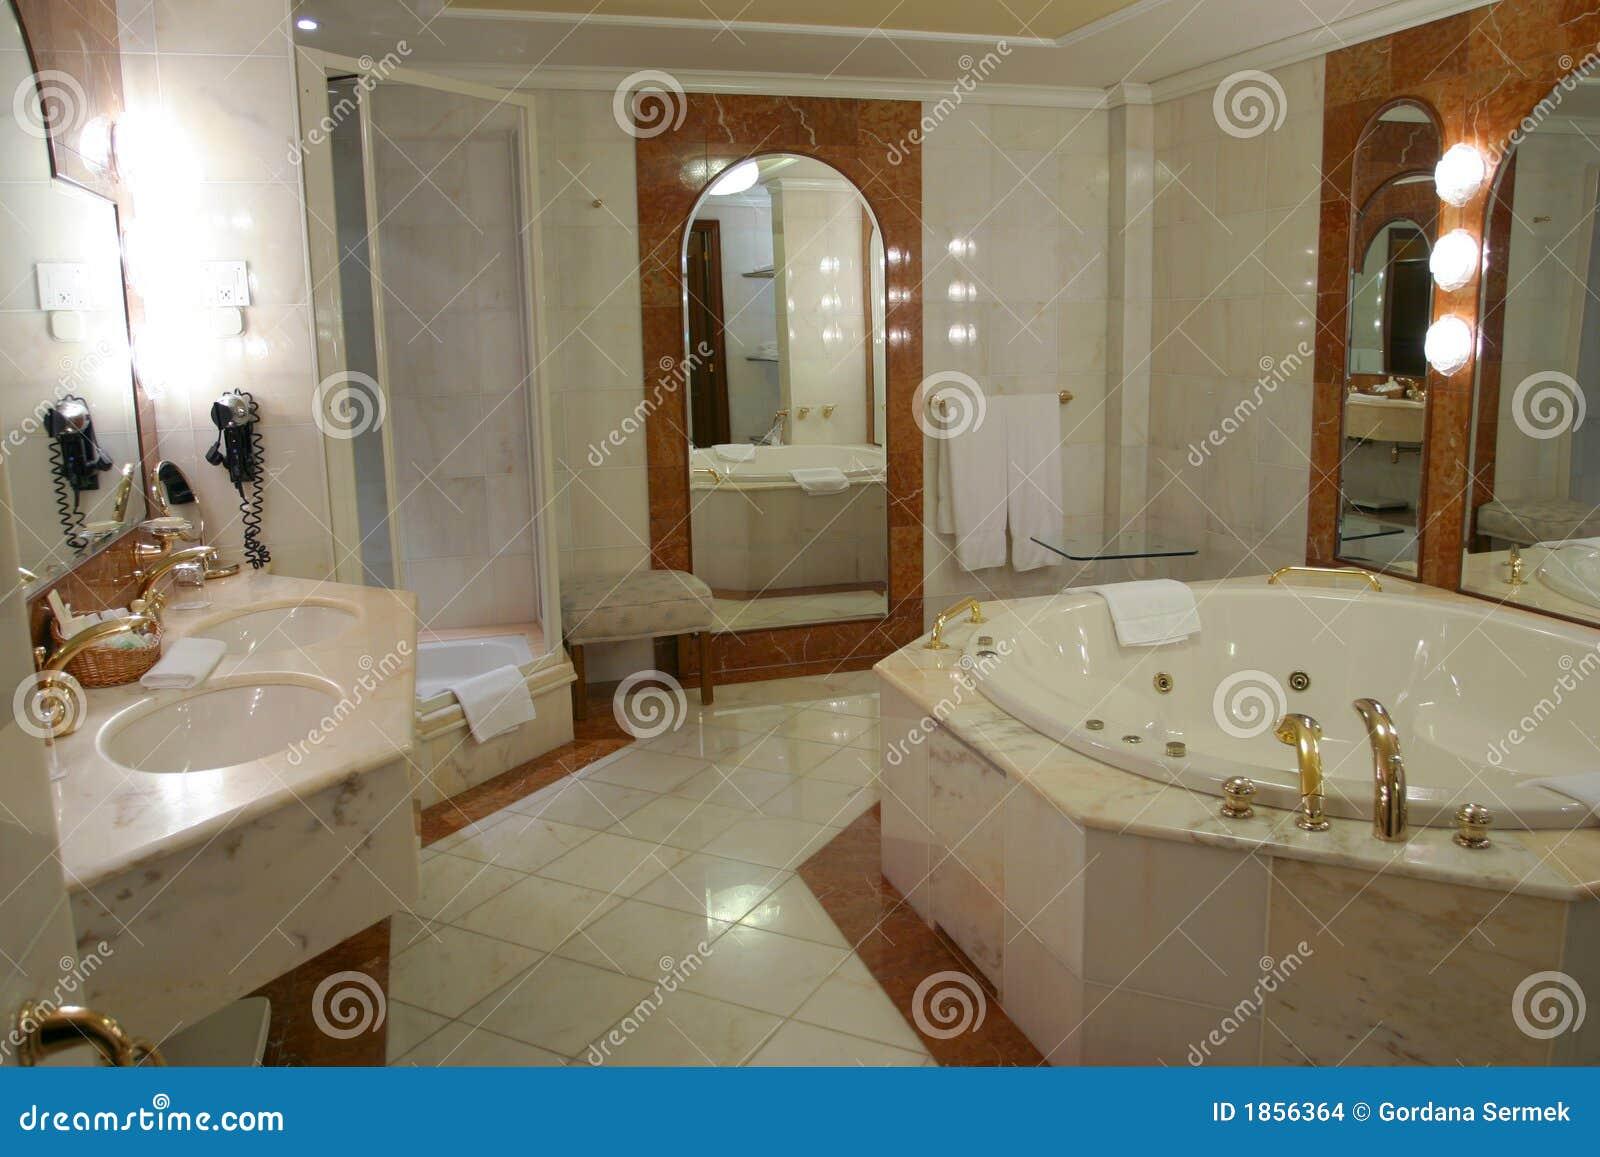 la suite moderne et spacieuse de salle de bains a conu avec le luxe - Salle De Bain Moderne De Luxe